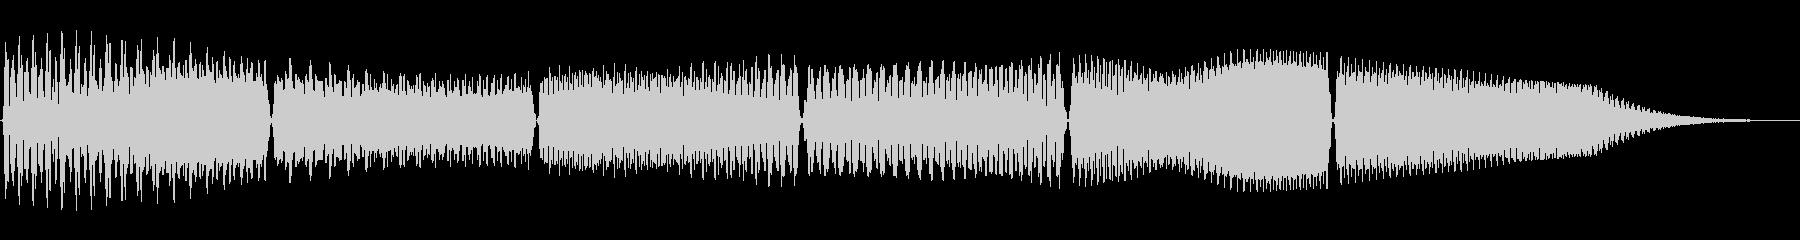 スワイプやゲームの操作時用のコミカルな音の未再生の波形